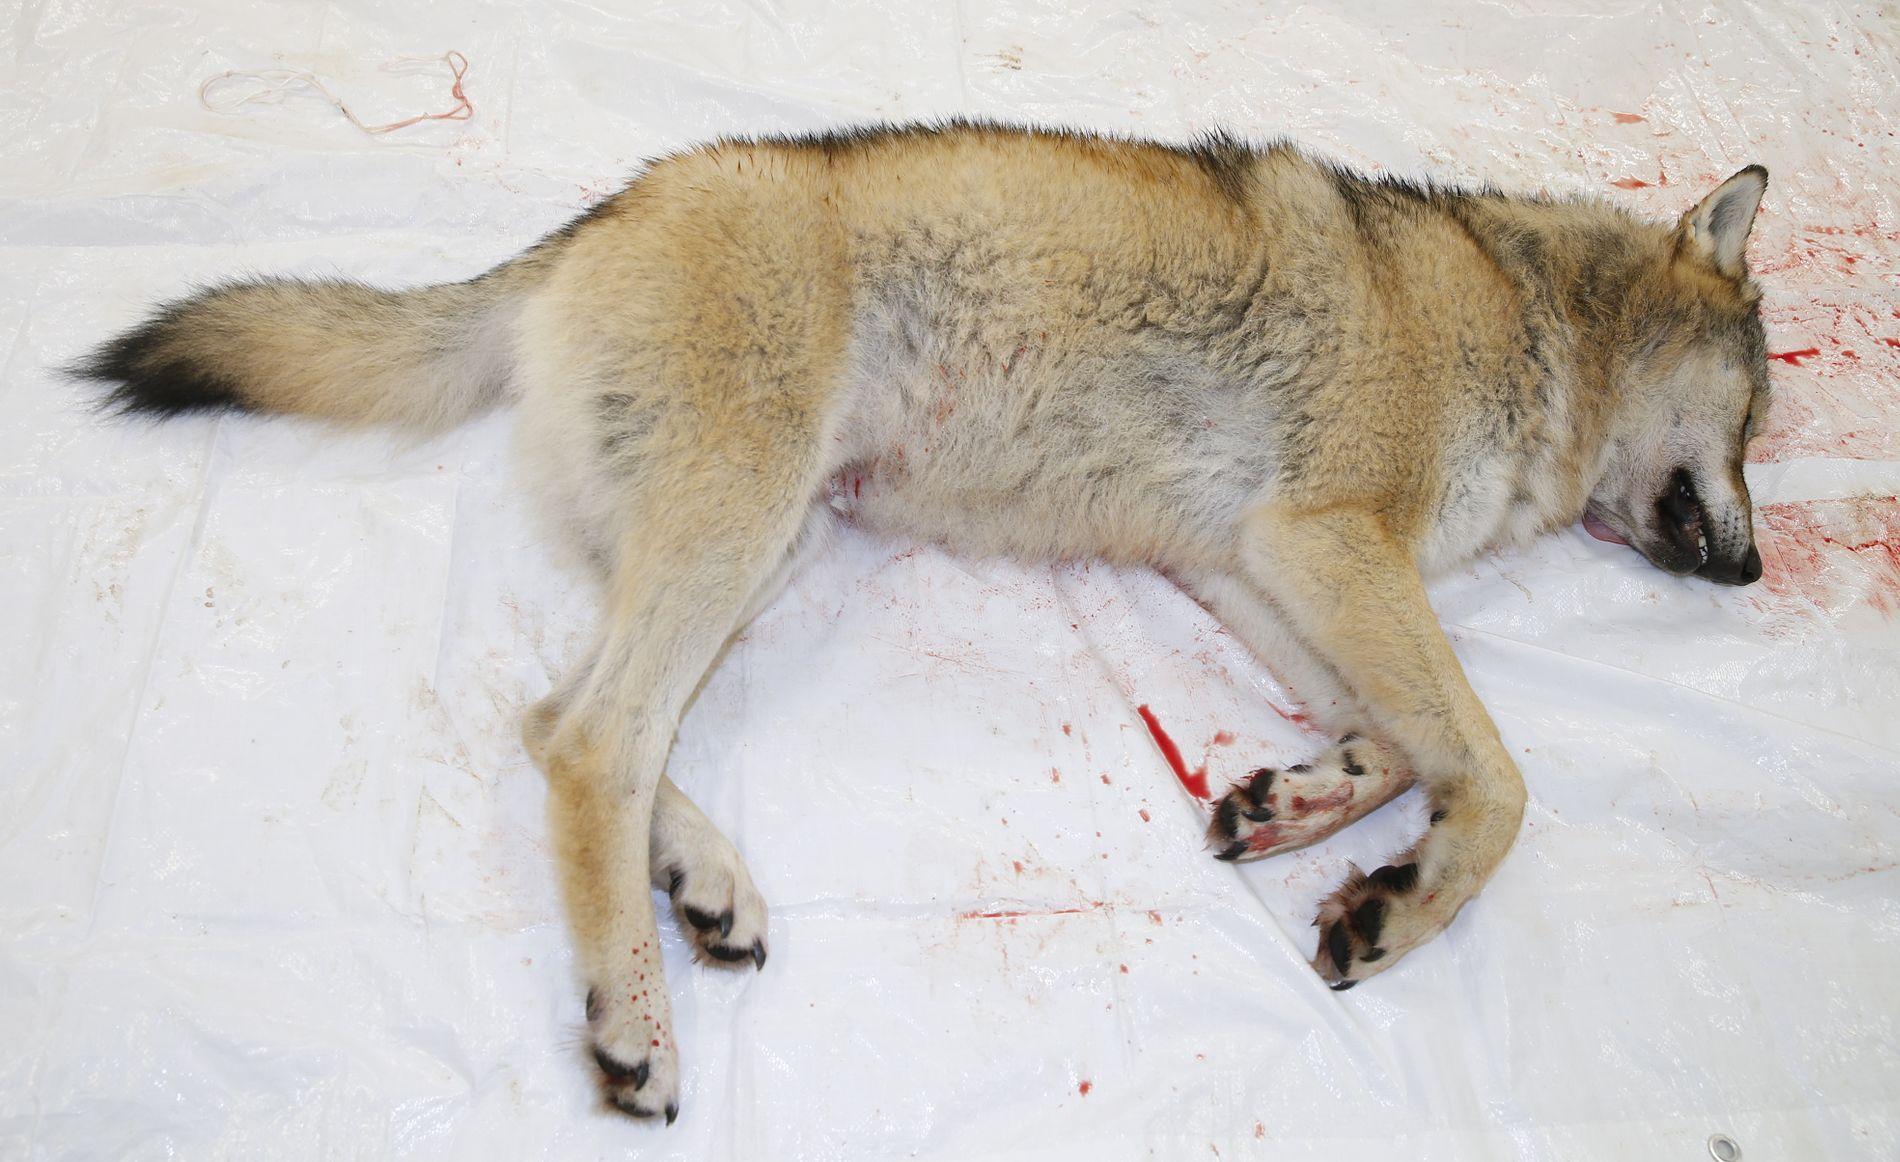 ÅPNER LISENSJAKT: Tirsdag ble det besluttet å åpne lisensjakten på tre ulverevir i ulvesonen, samt tolv dyr utenfor, til vinteren.